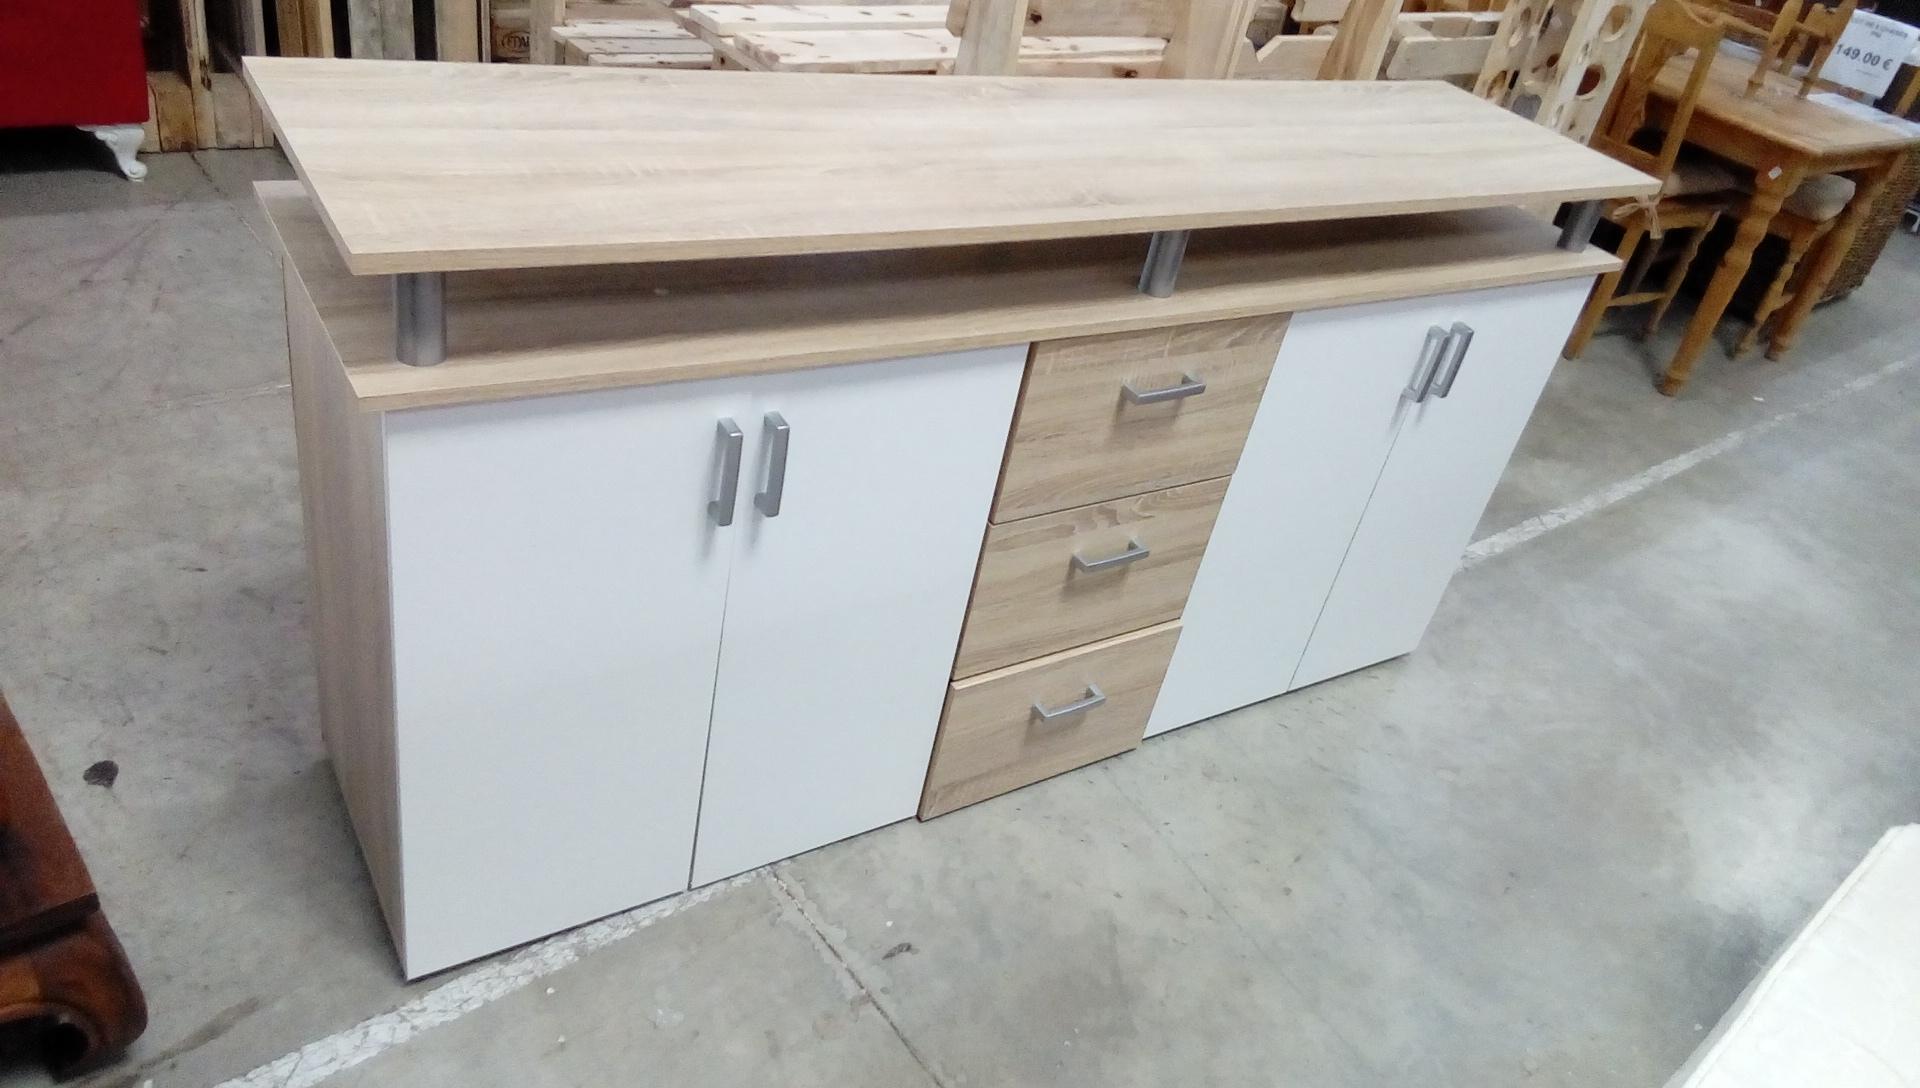 Bahut bas moderne - Caisson pour meuble de cuisine en kit ...